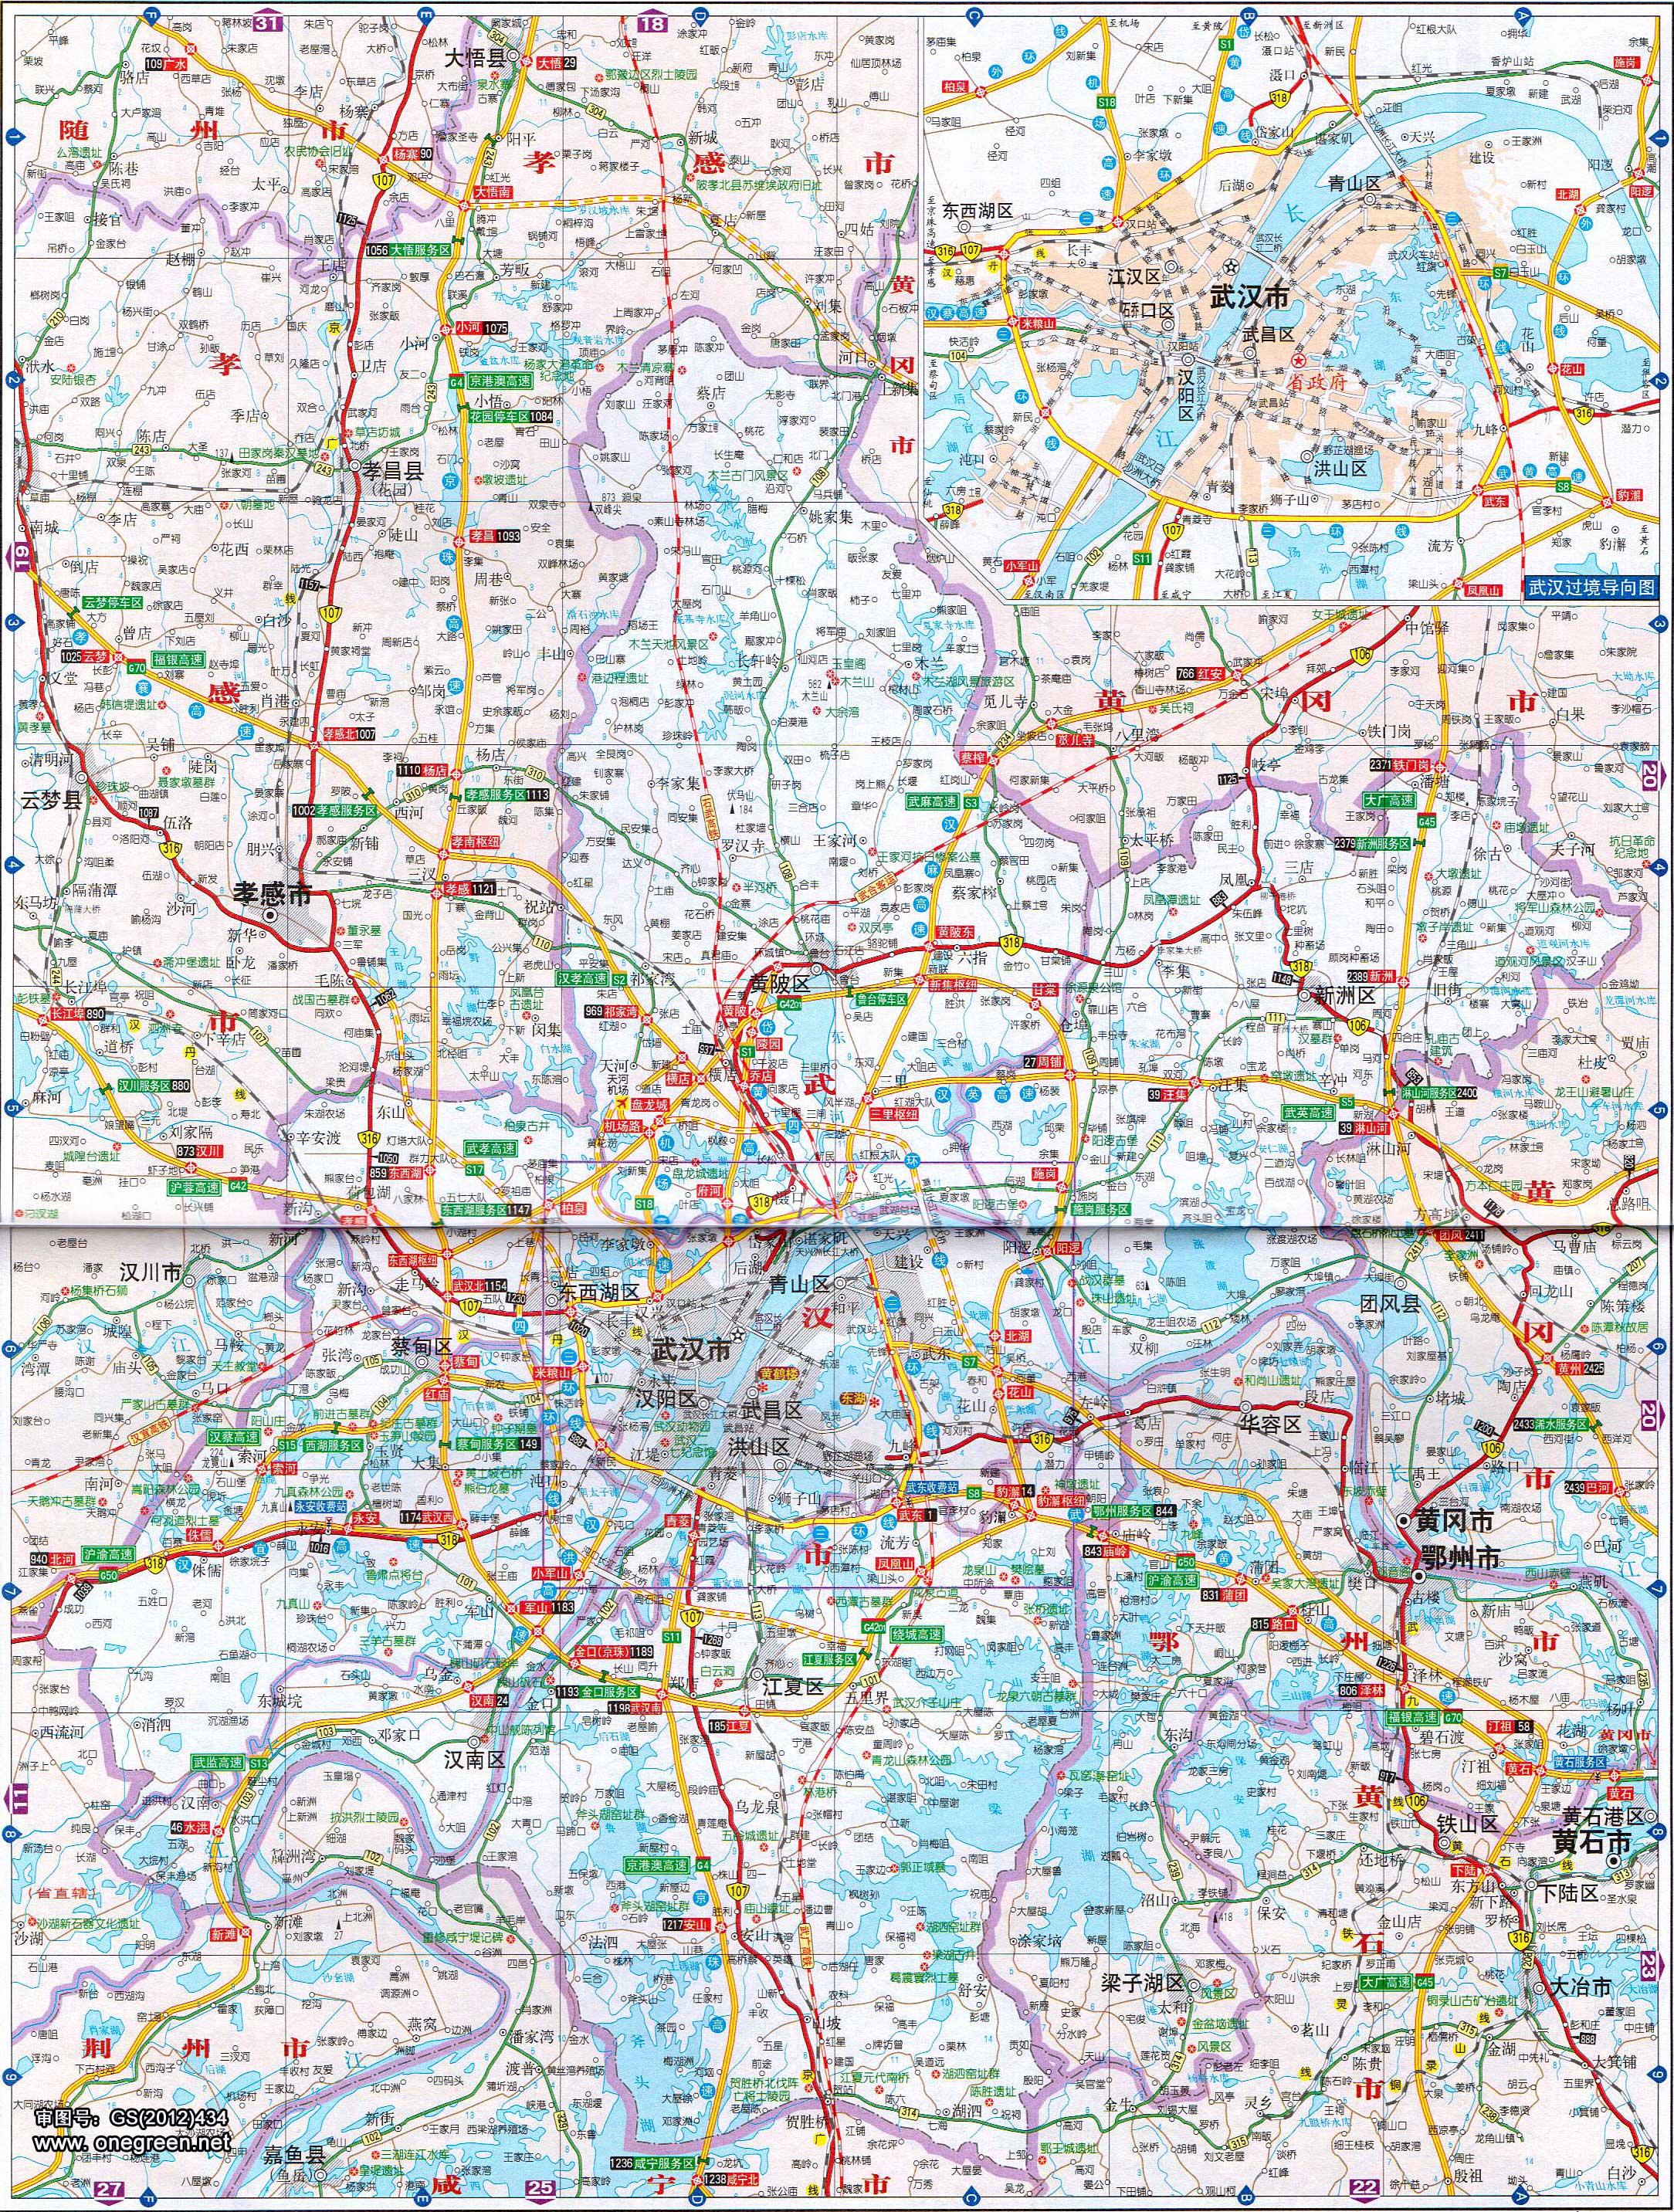 内蒙古地图全图大图_武汉地图_武汉市区地图全图高清版_地图窝